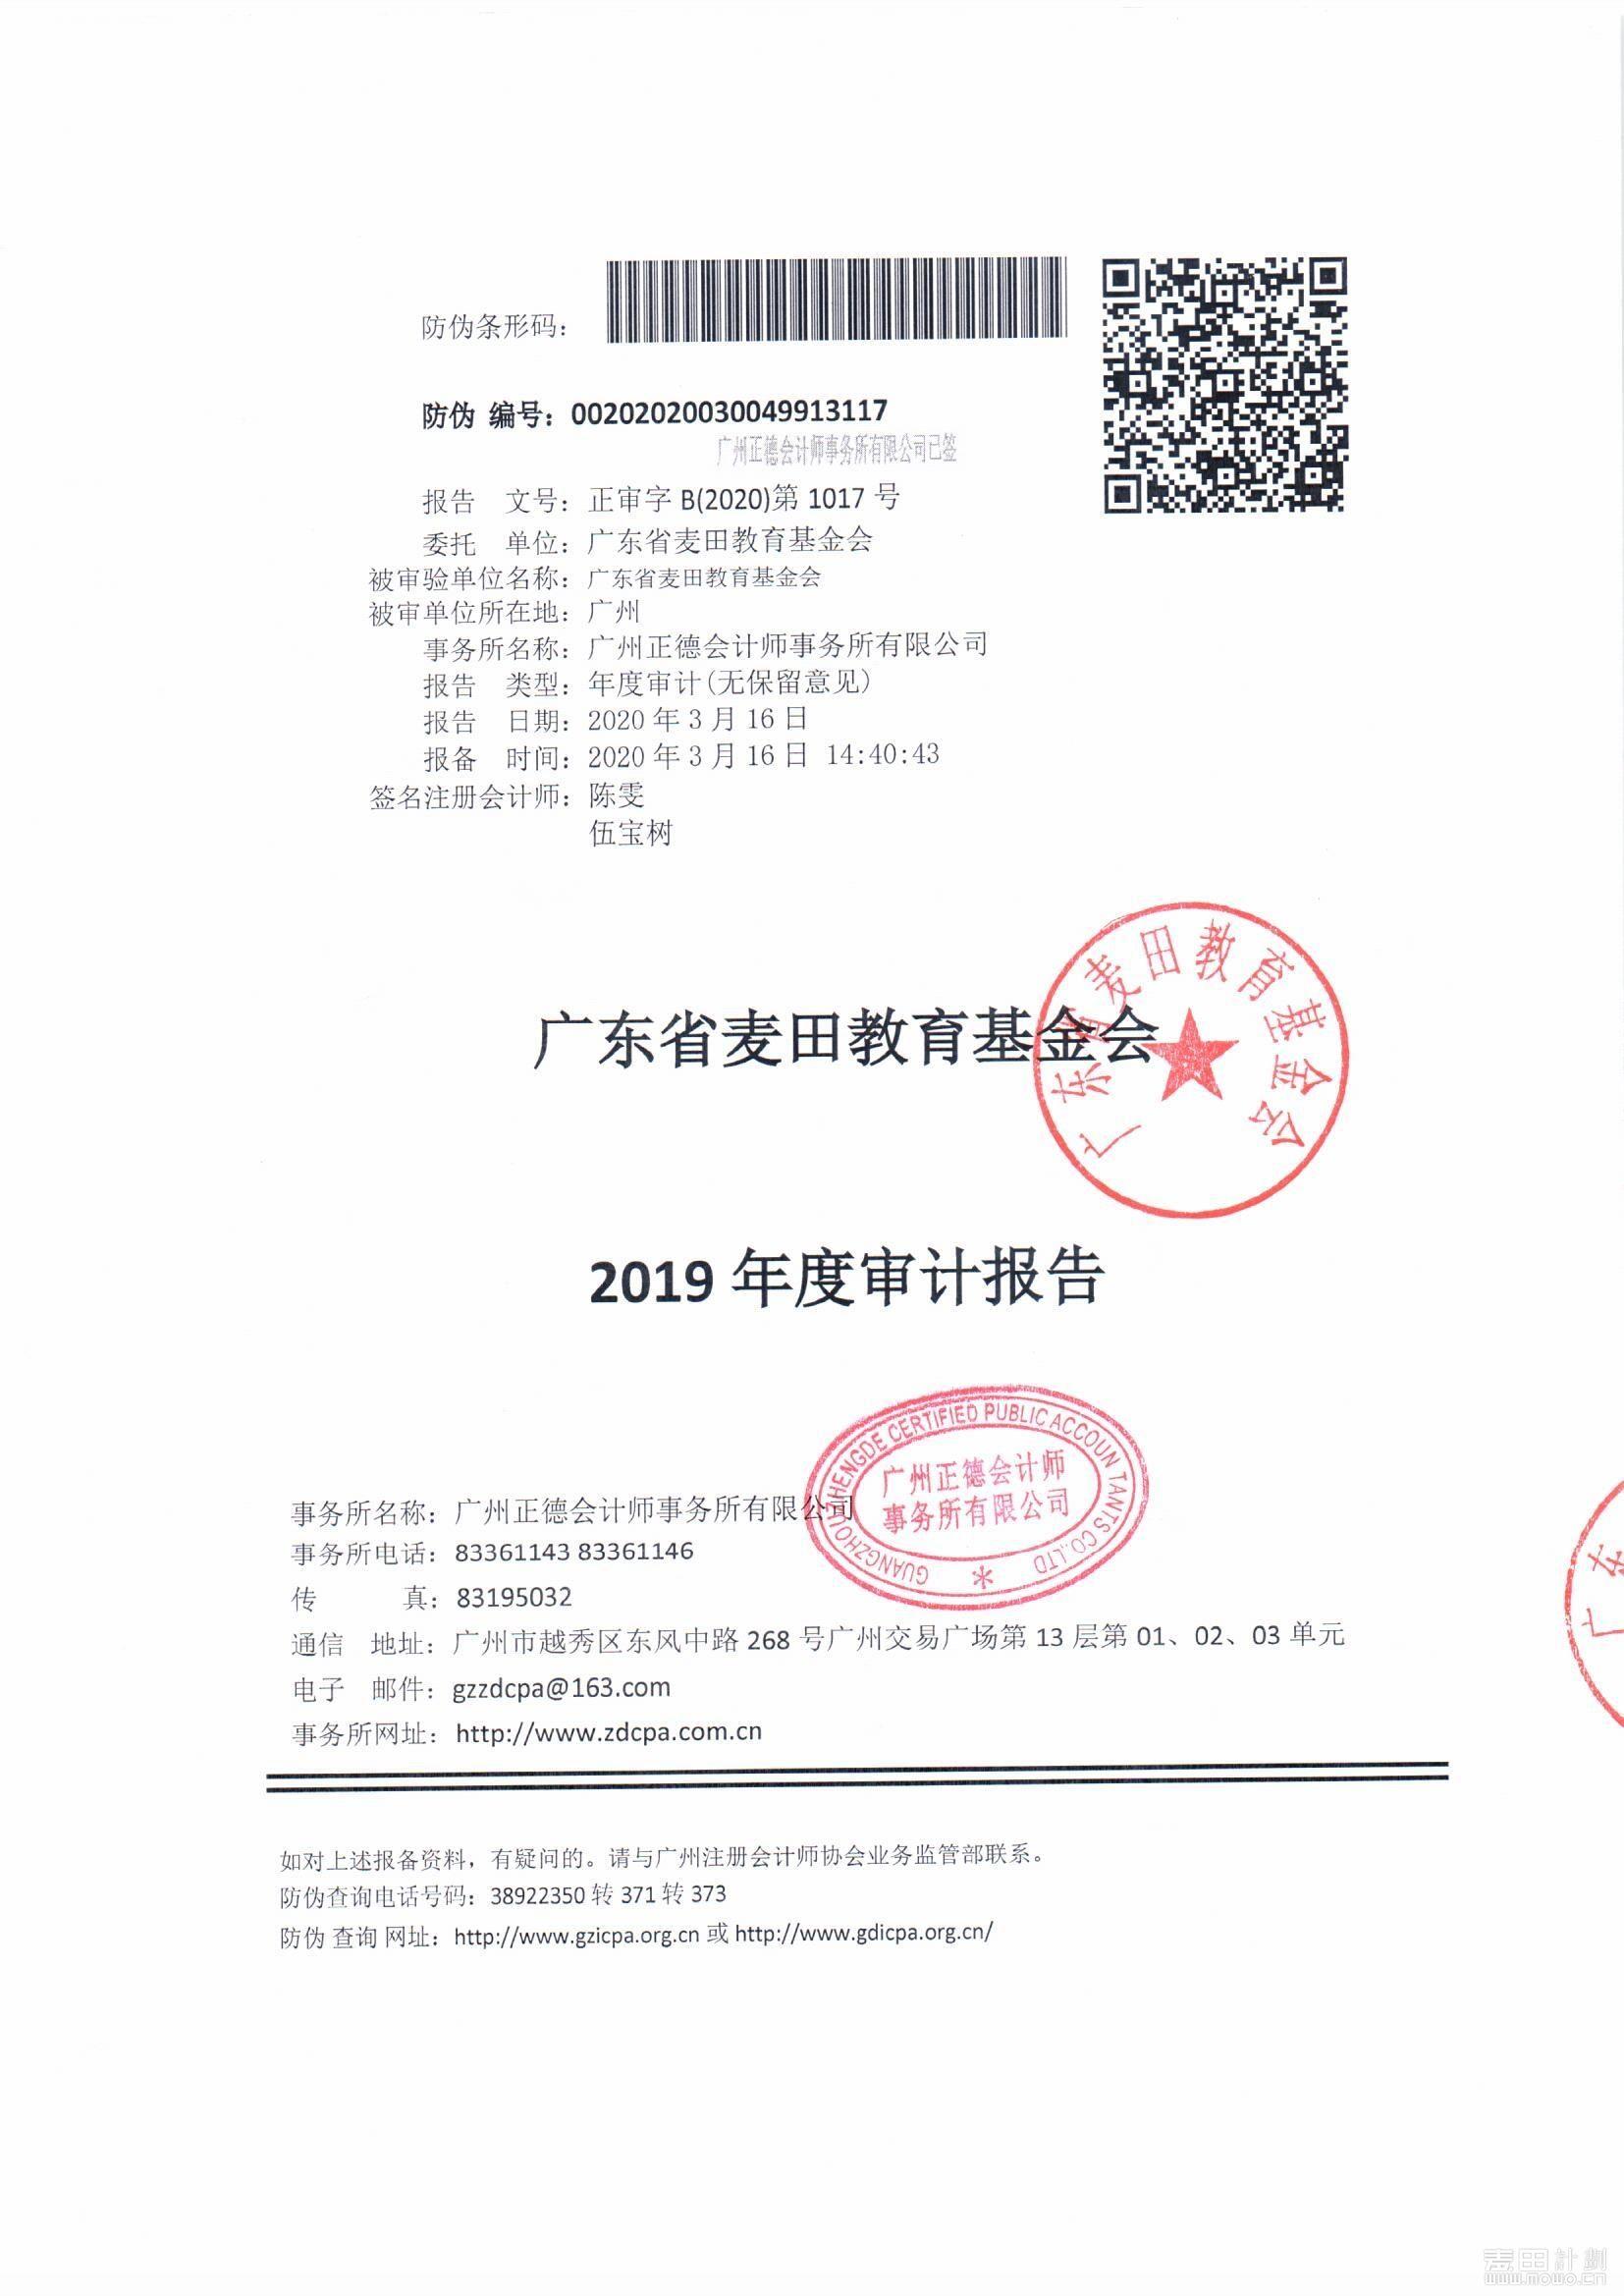 麦田教育基金会2019年度审计报告_页面_02.jpg